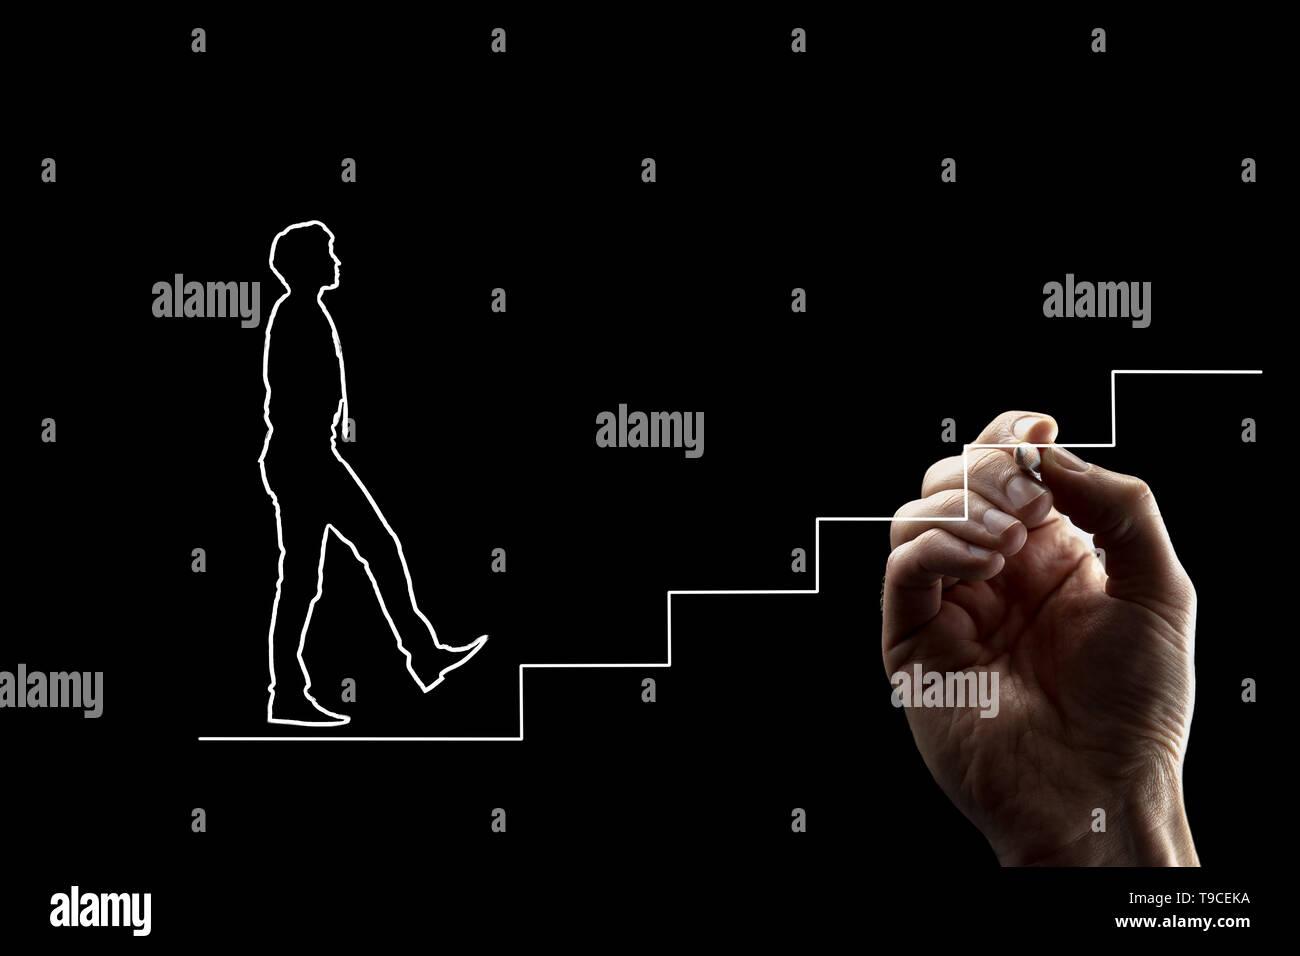 Forma de un hombre en empate subir escaleras. Dibujo a mano alzada, líneas blancas sobre fondo negro. Apto para el trabajo en equipo y crecimiento personal conceptos. Imagen De Stock